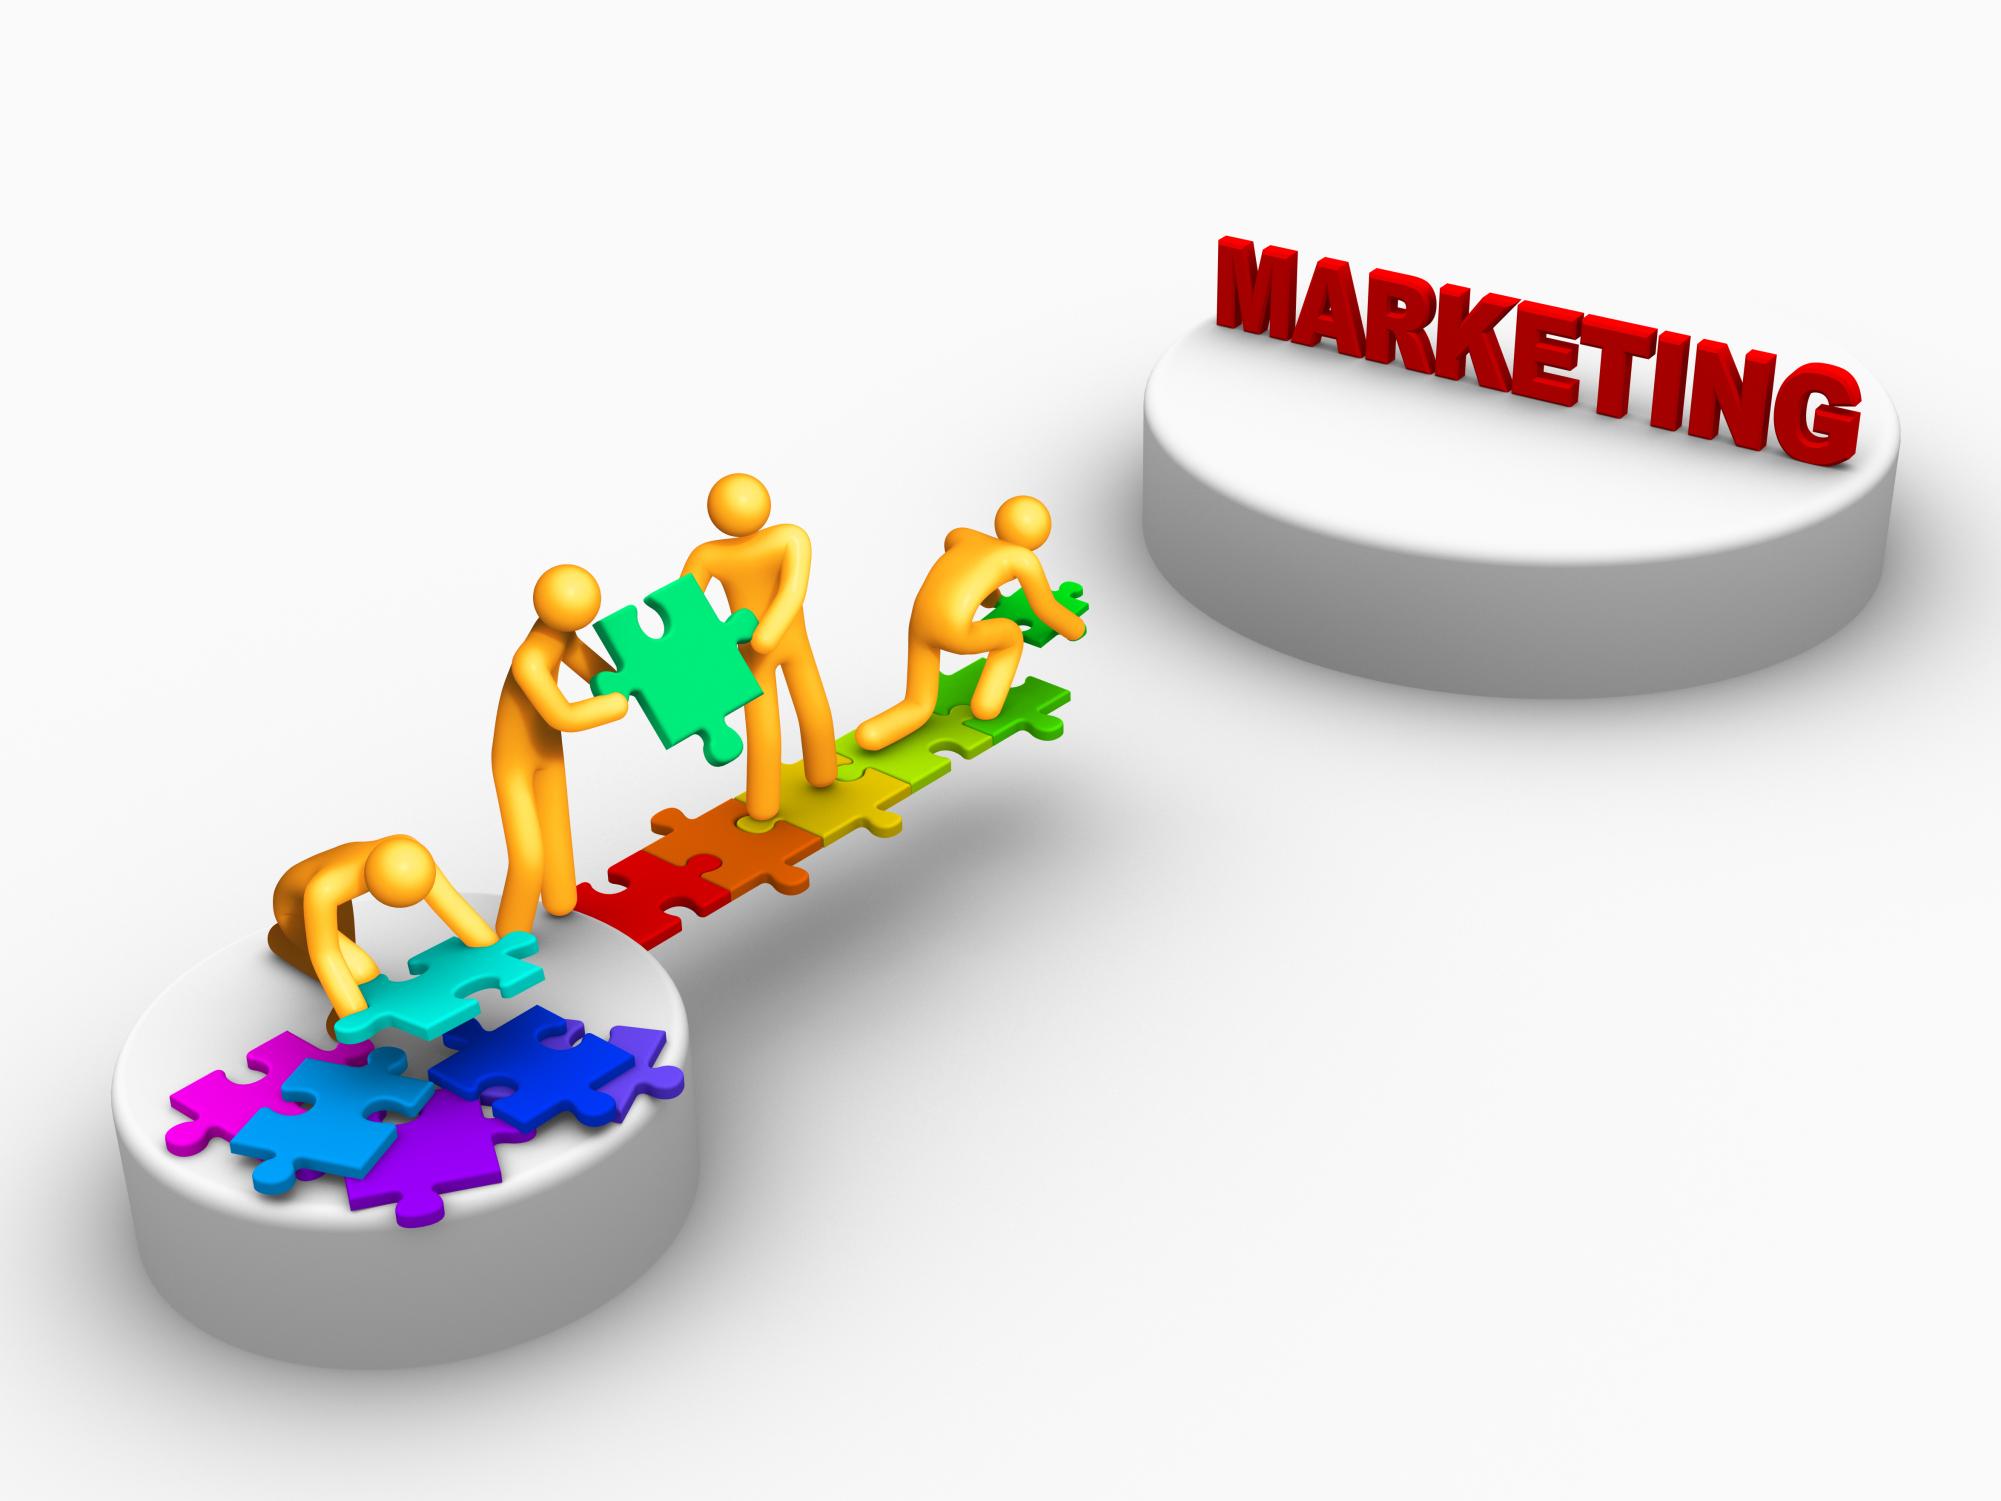 marketing relacional Marketing relacional: qué es y cómo puede ayudar a mi empresa